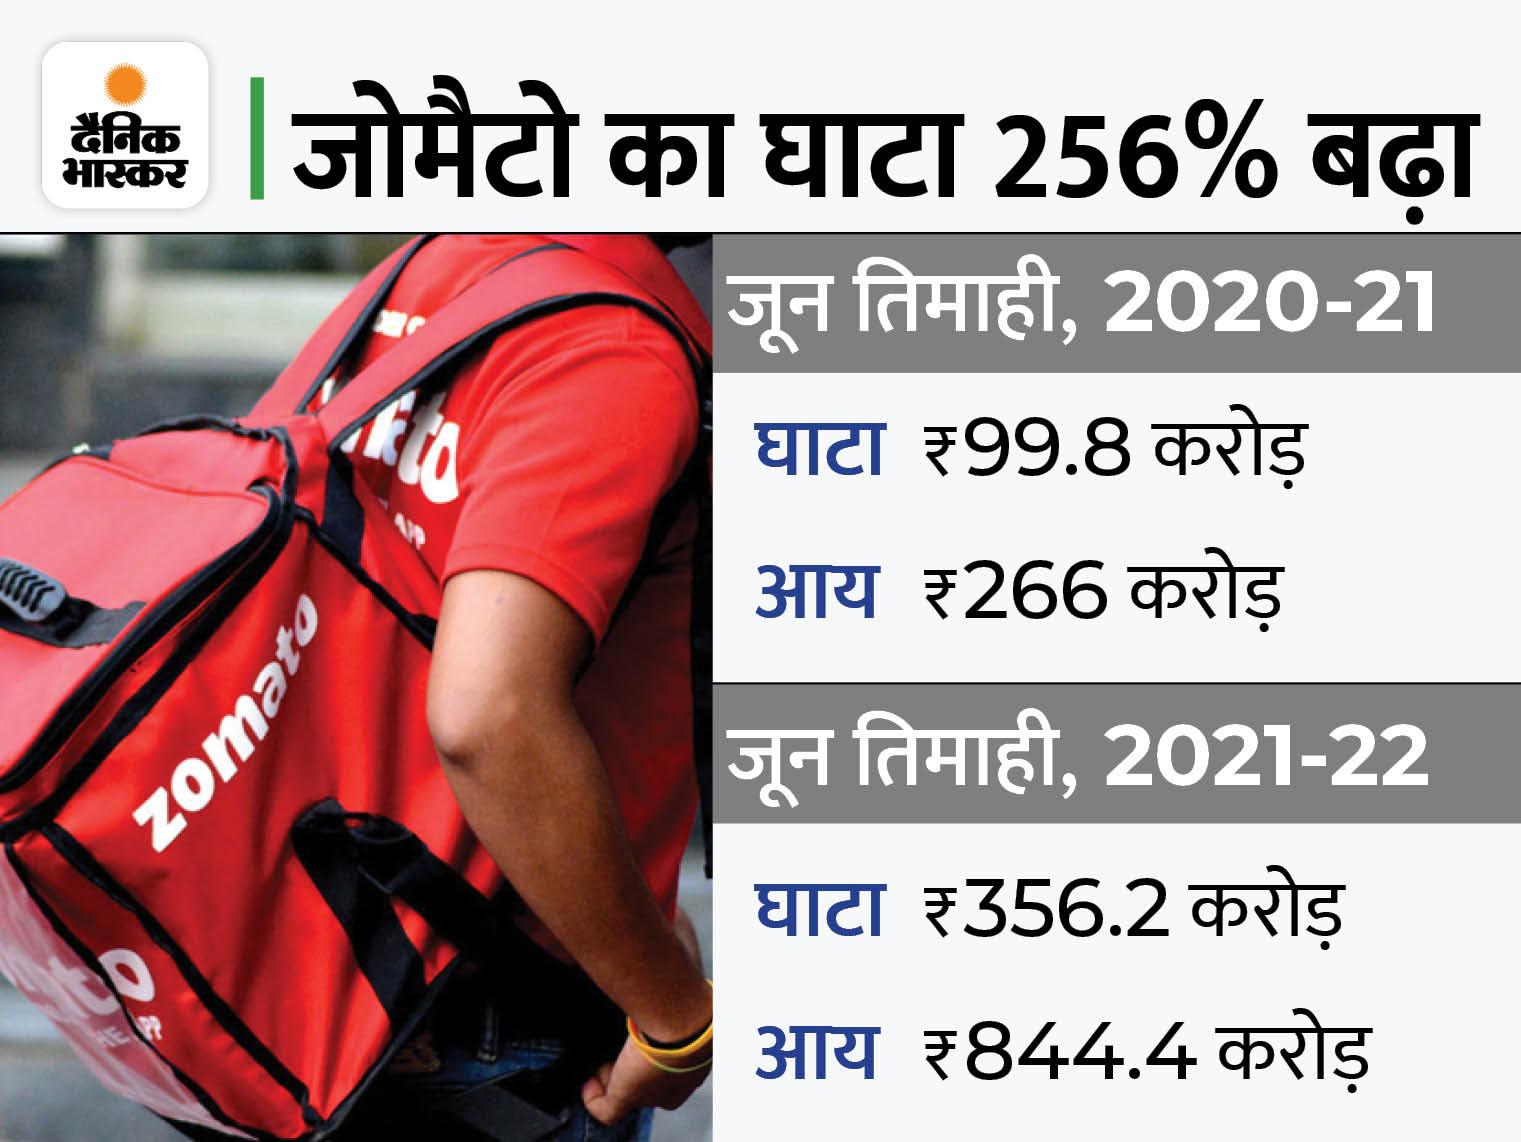 घाटा 99.8 करोड़ से बढ़कर 356 करोड़, लेकिन कंपनी का शेयर 9% से ज्यादा भागा बिजनेस,Business - Dainik Bhaskar